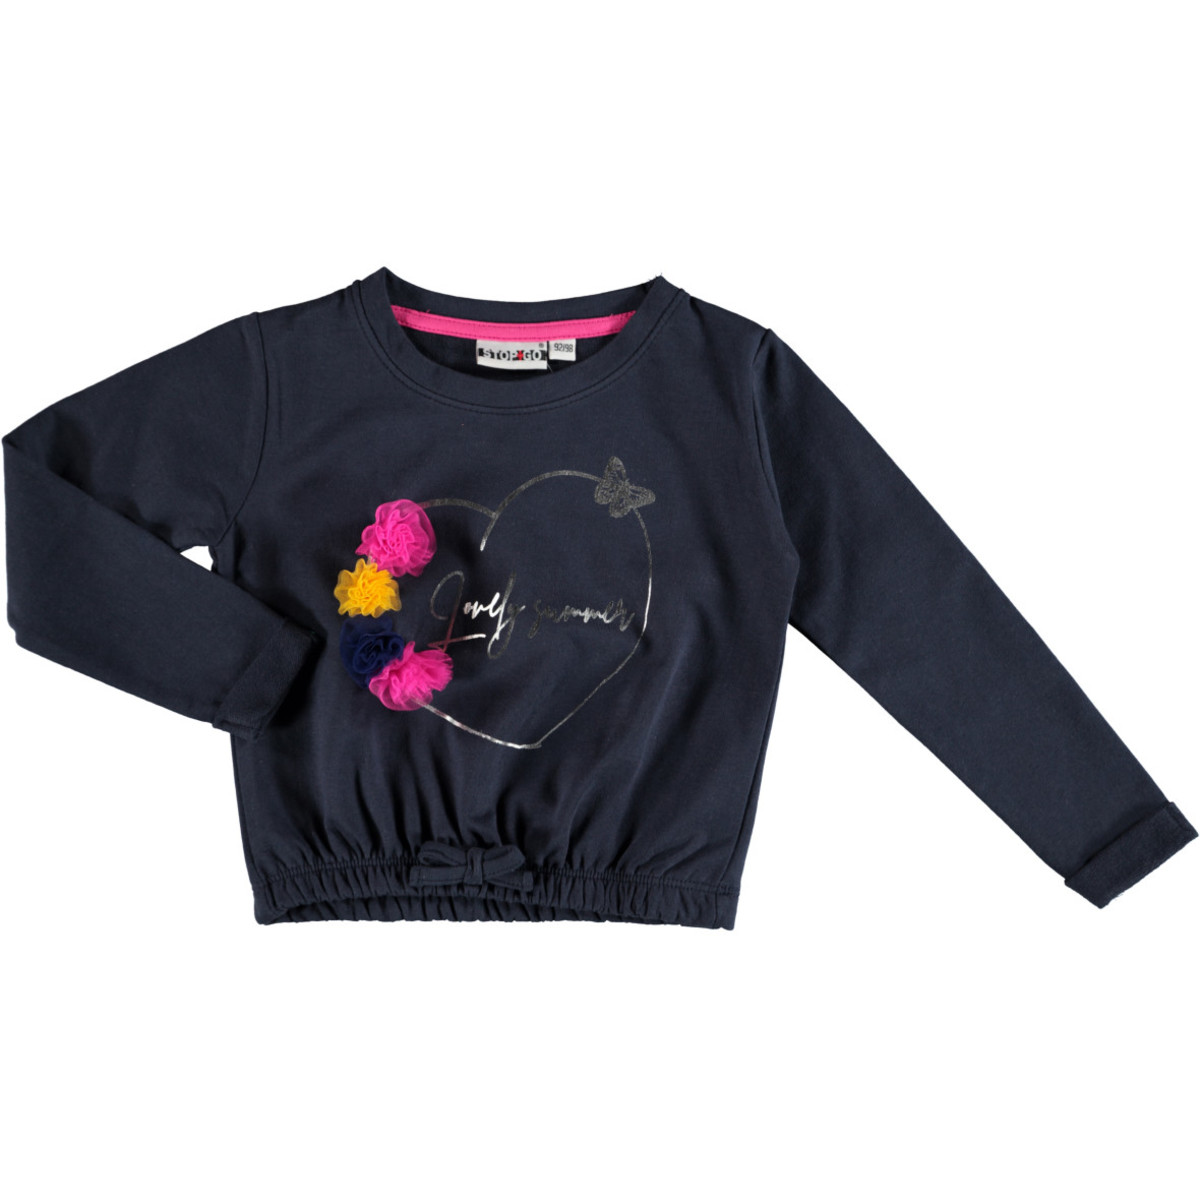 Bild 1 von Mädchen Sweatshirt mit Glitzer Print und Pompons